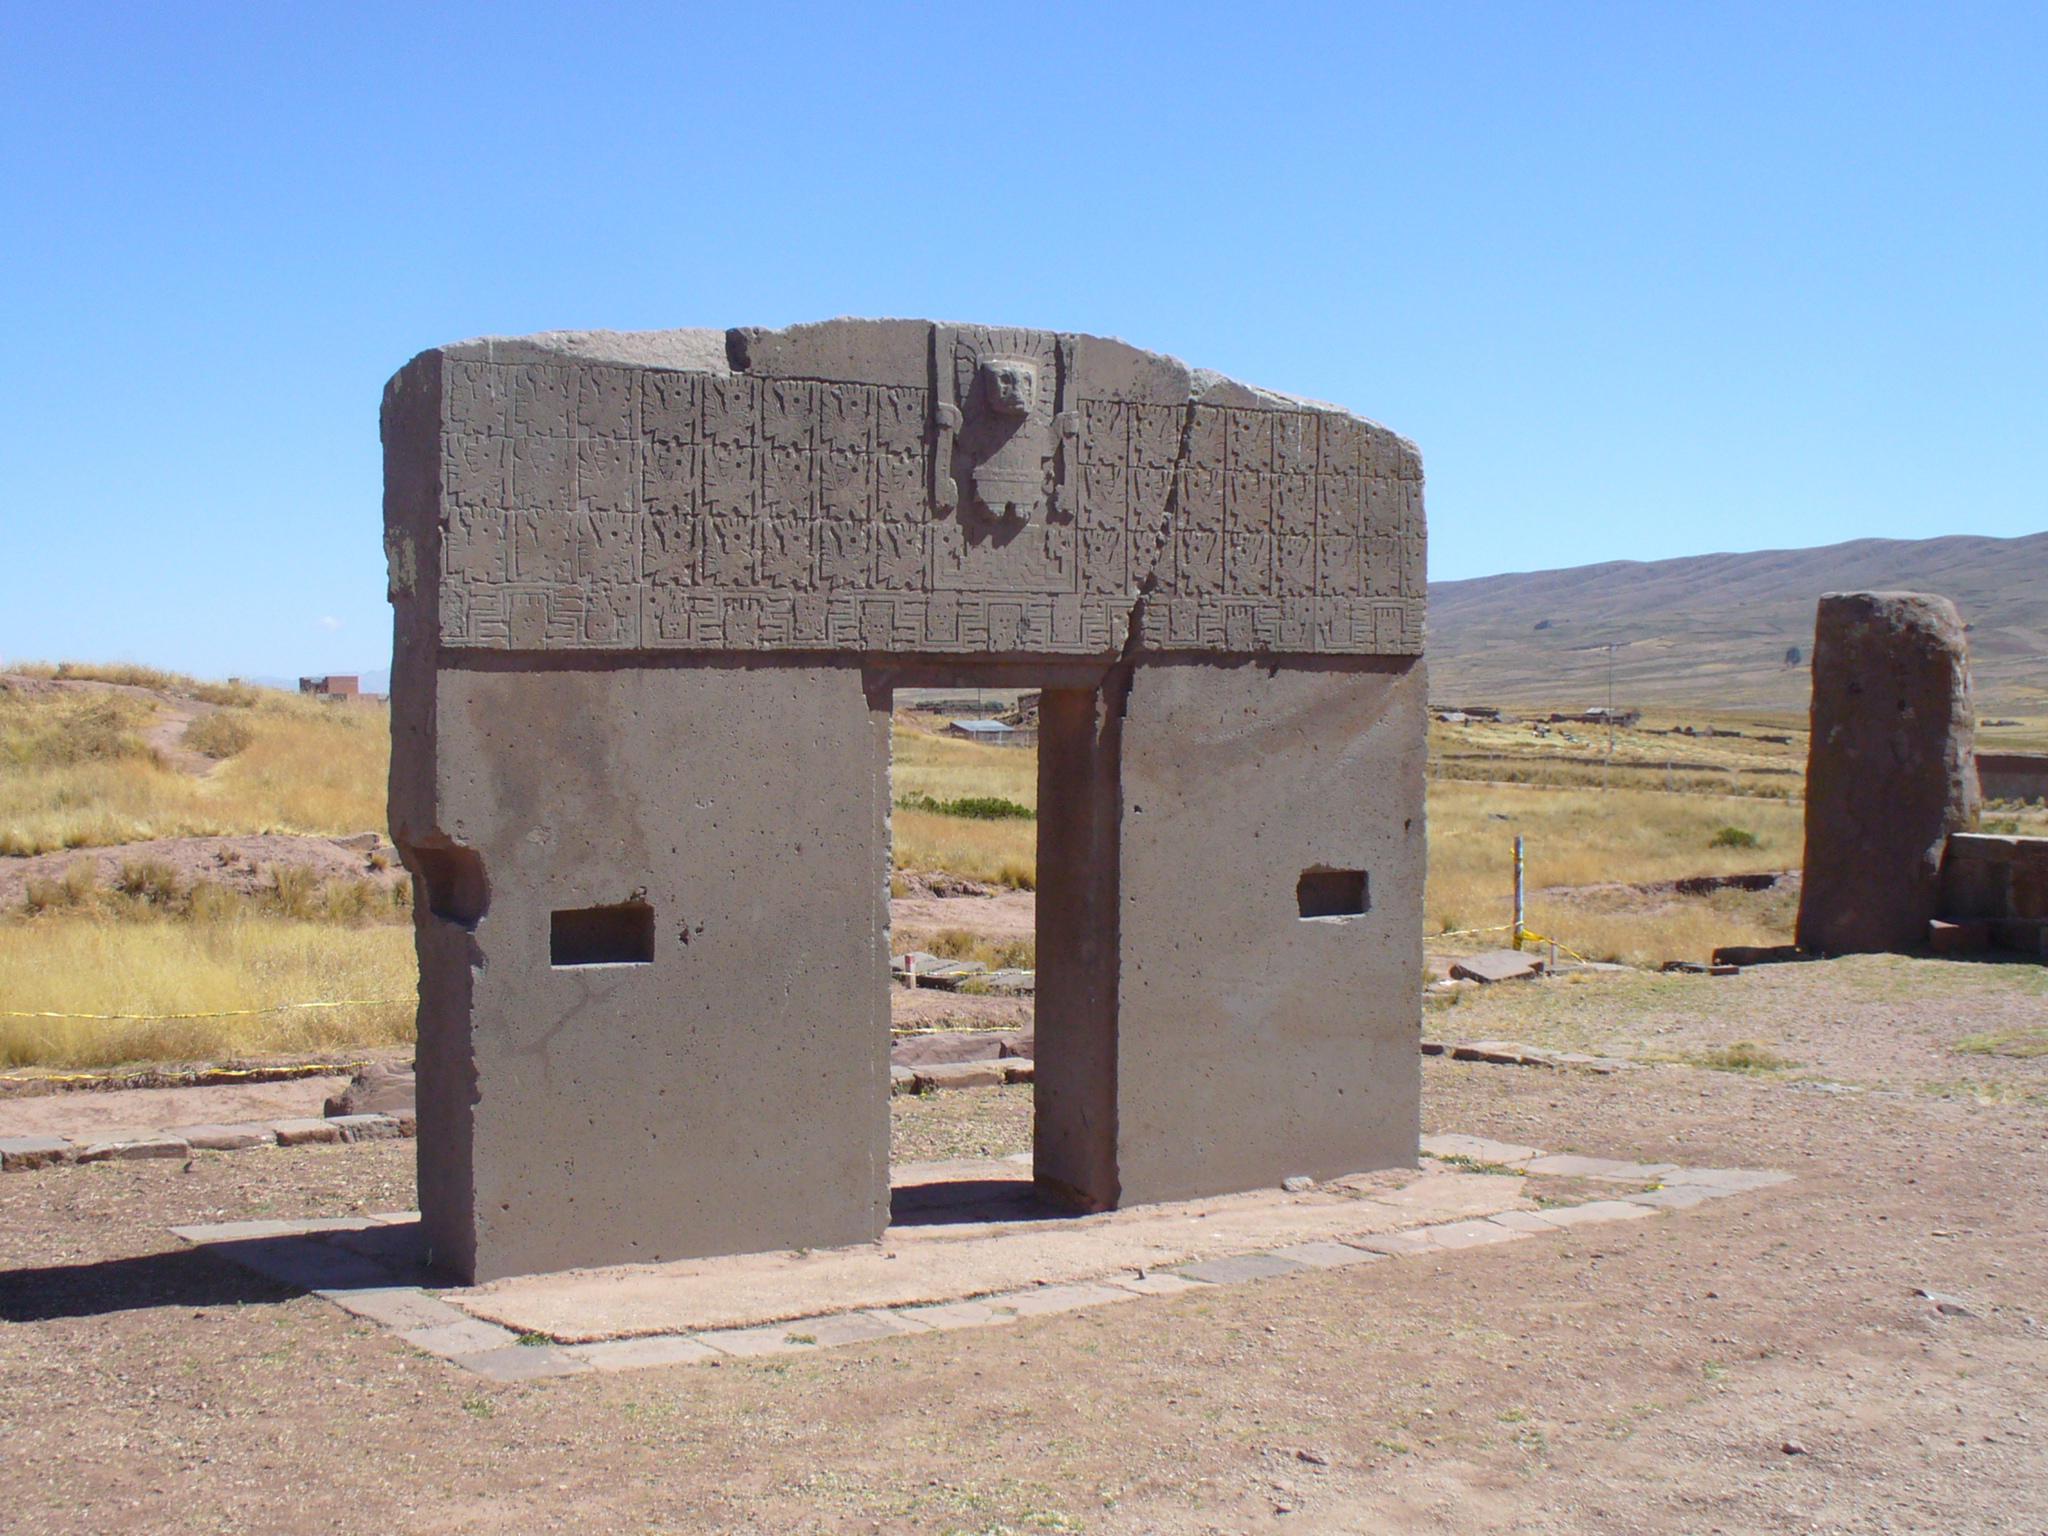 filepuerta del sol s237mbolo de tiwanaku boliviajpg